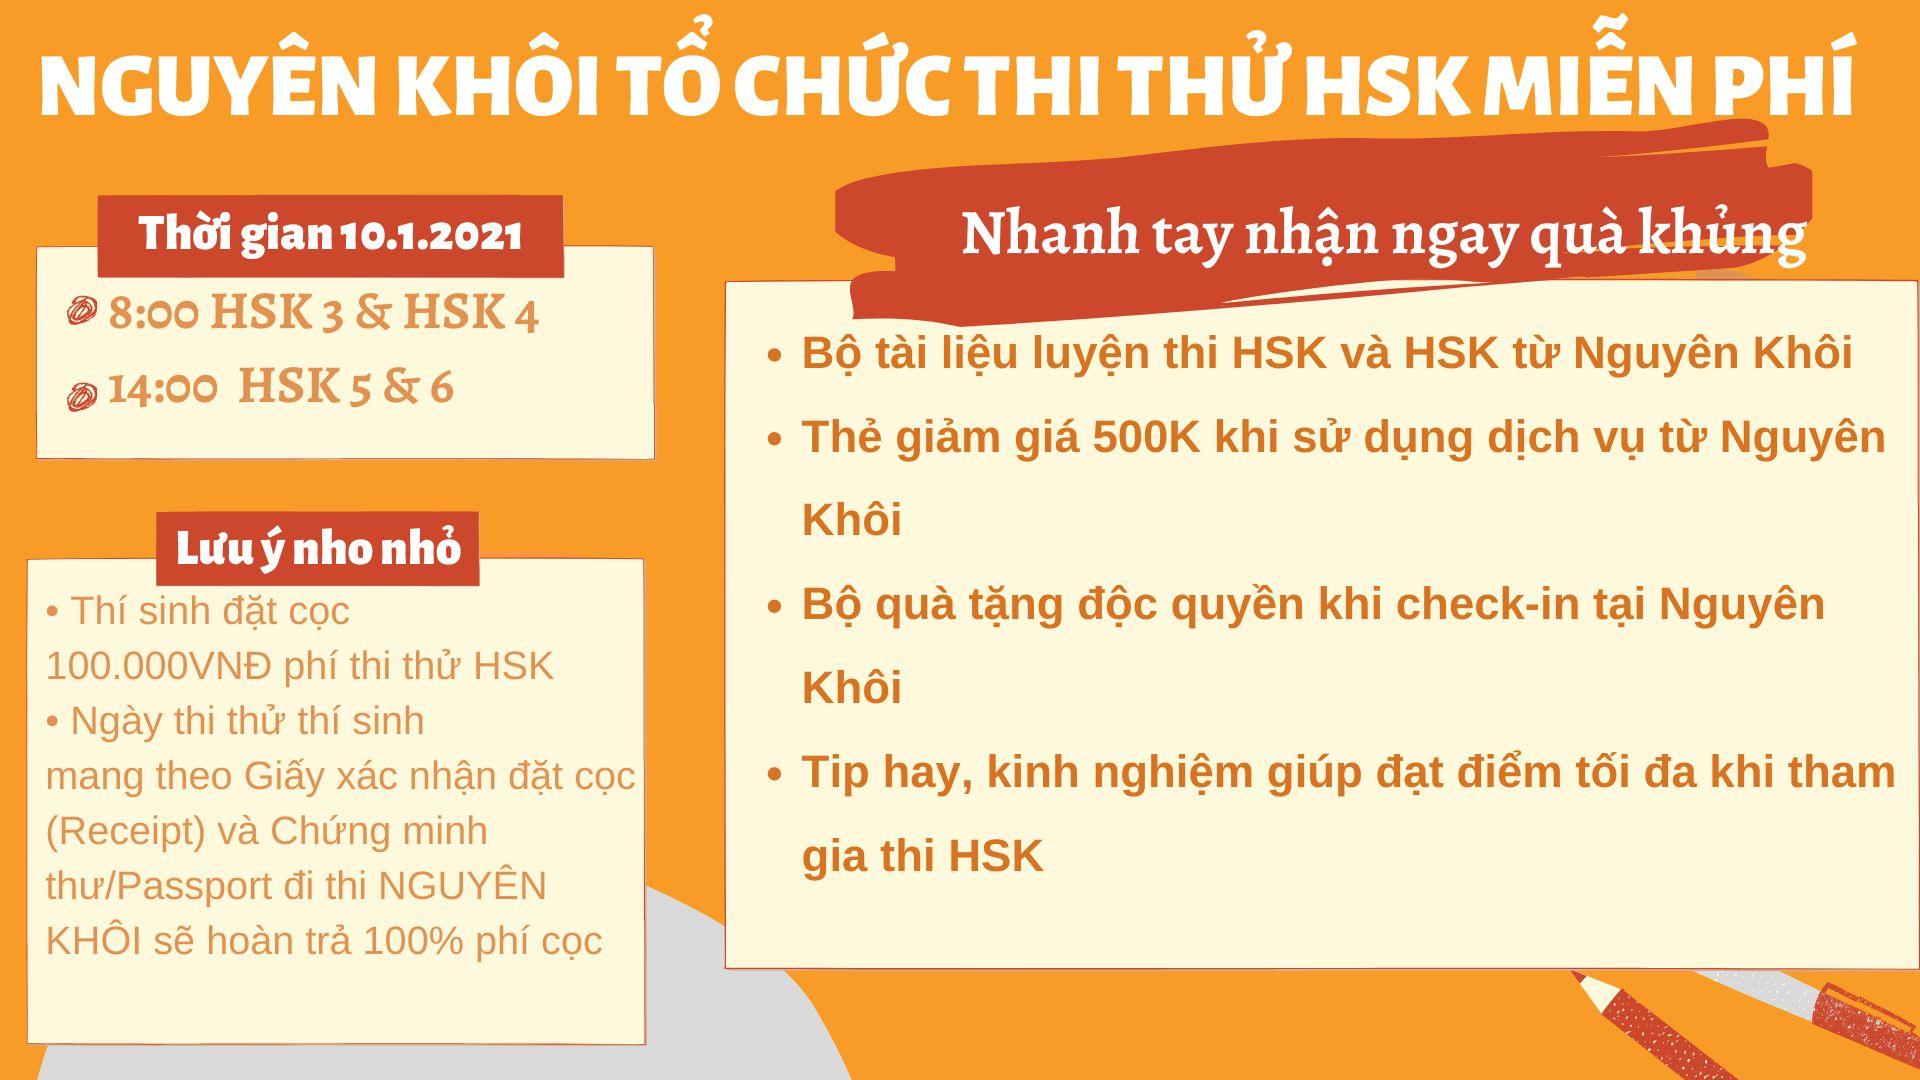 Thi thử HSK miễn phí Nguyên Khôi